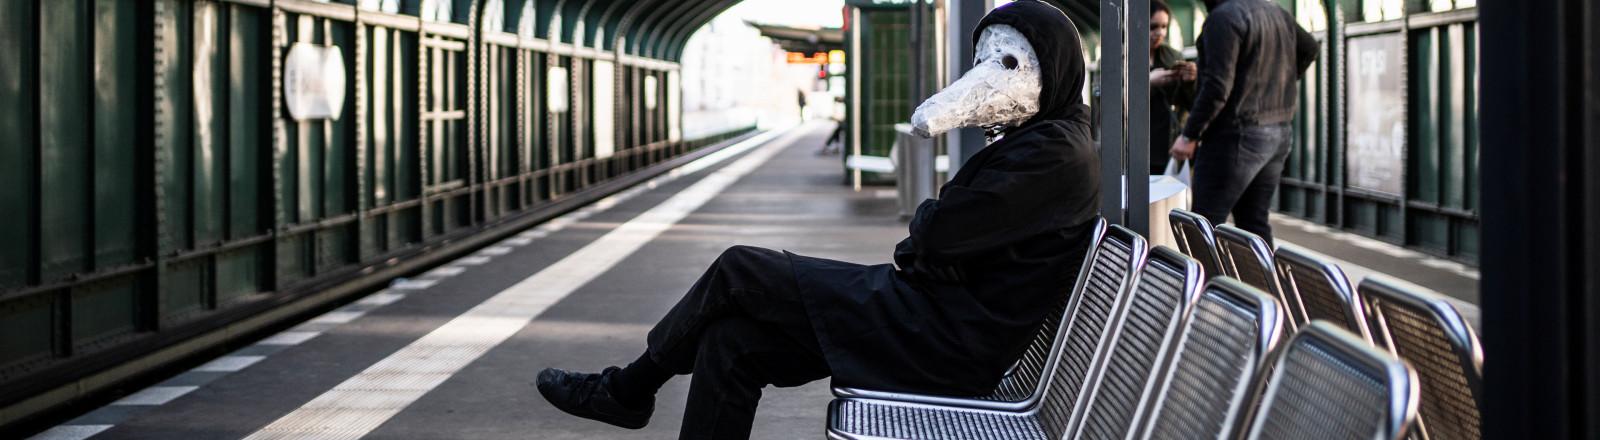 Mann mit Tiermaske sitzt auf einer Bank an einer Berliner S-Bahn-Station.